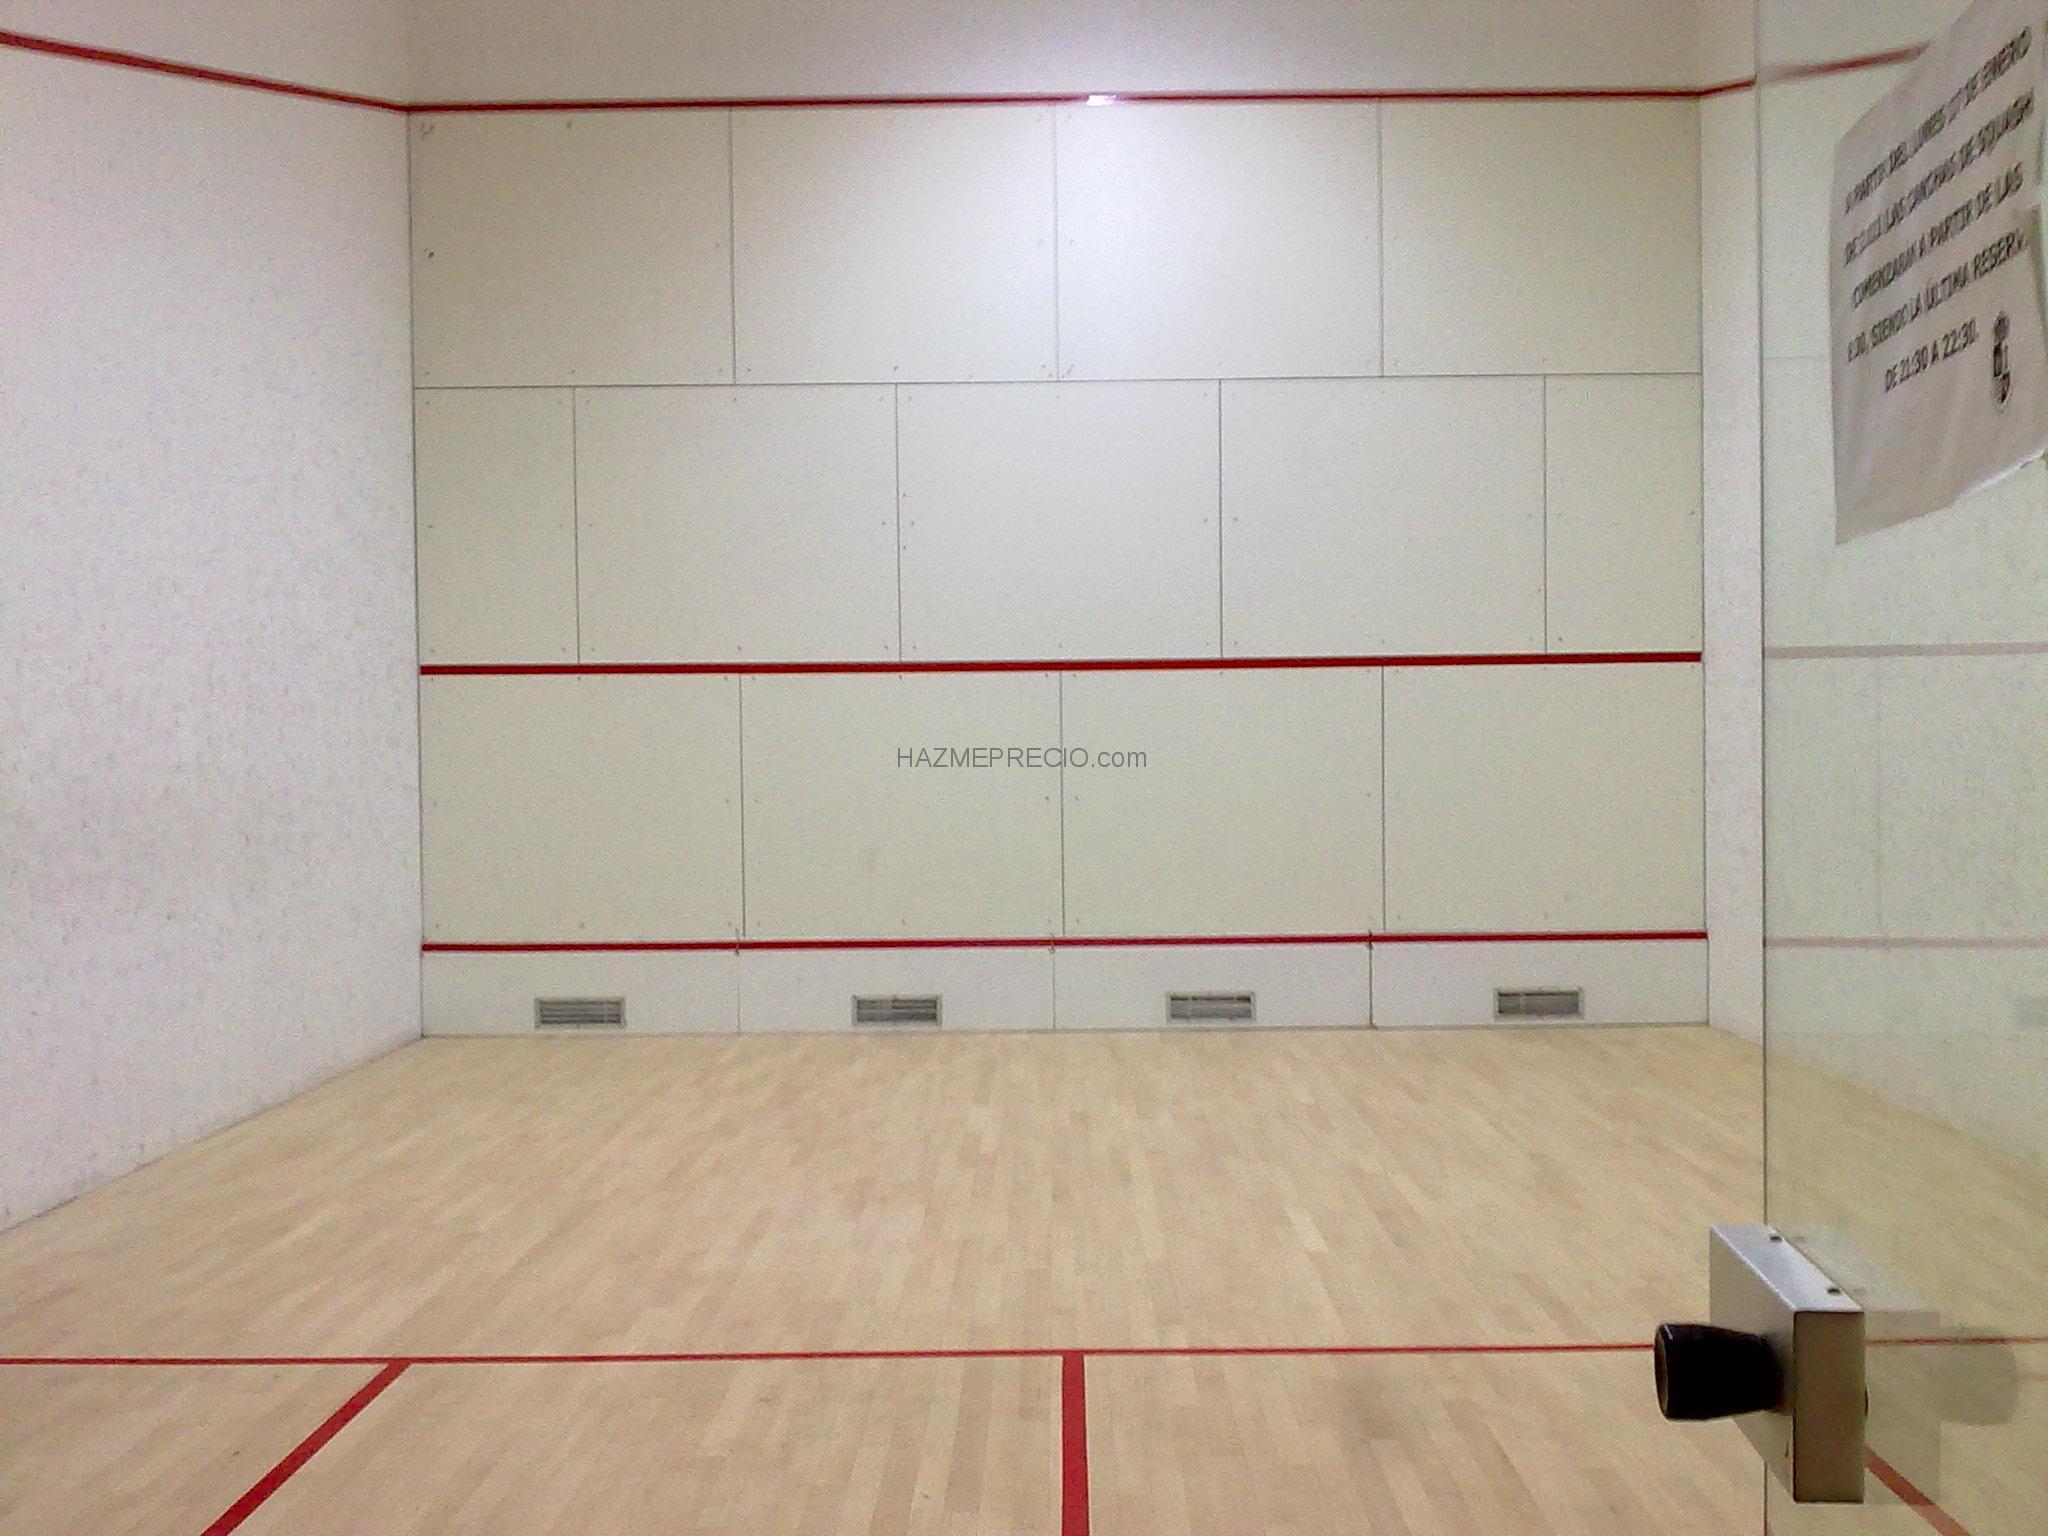 10032011251 for Presupuesto pintura piso 70 metros